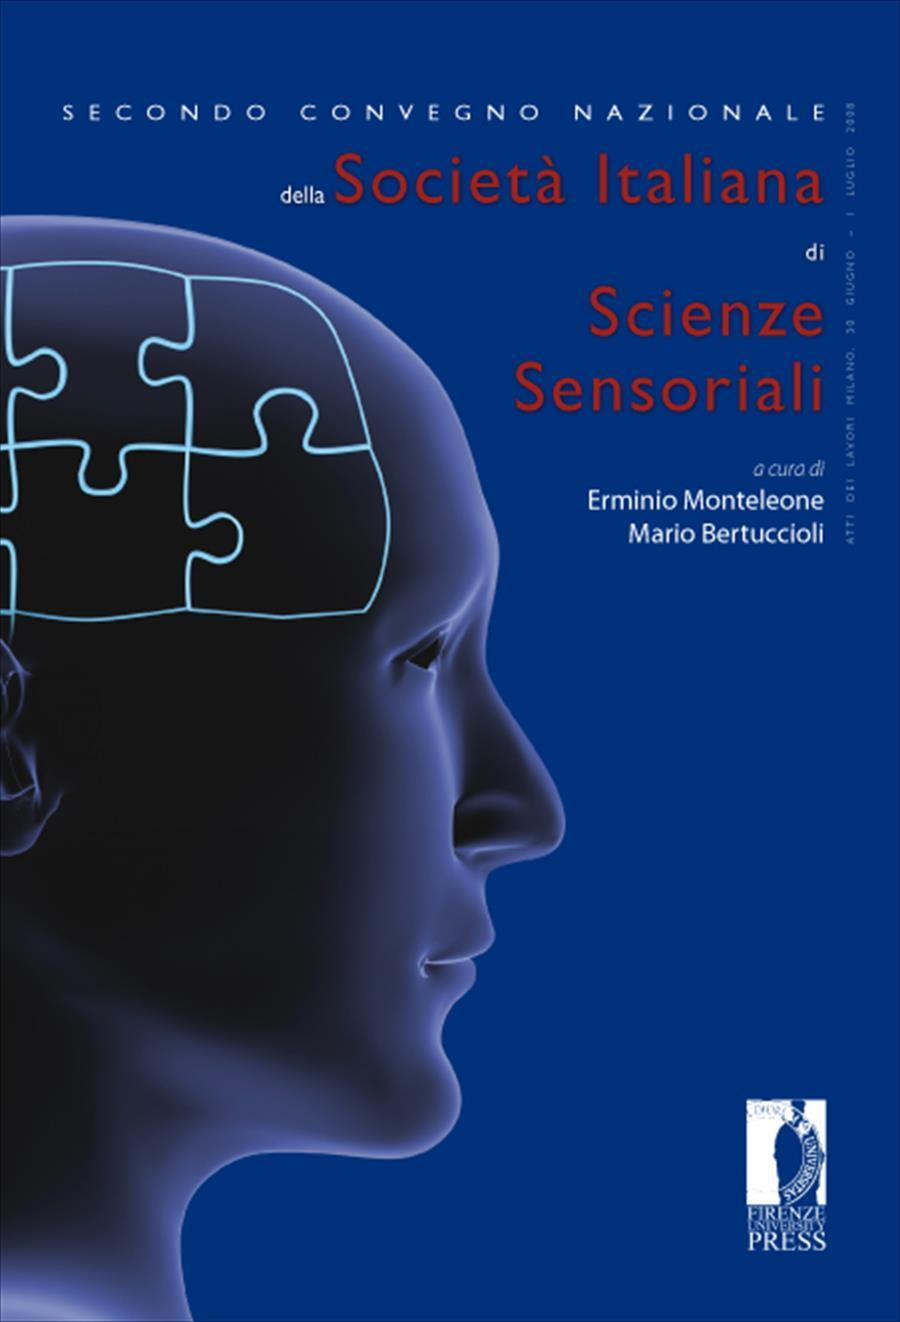 Secondo Convegno Nazionale della Società Italiana di Scienze Sensoriali